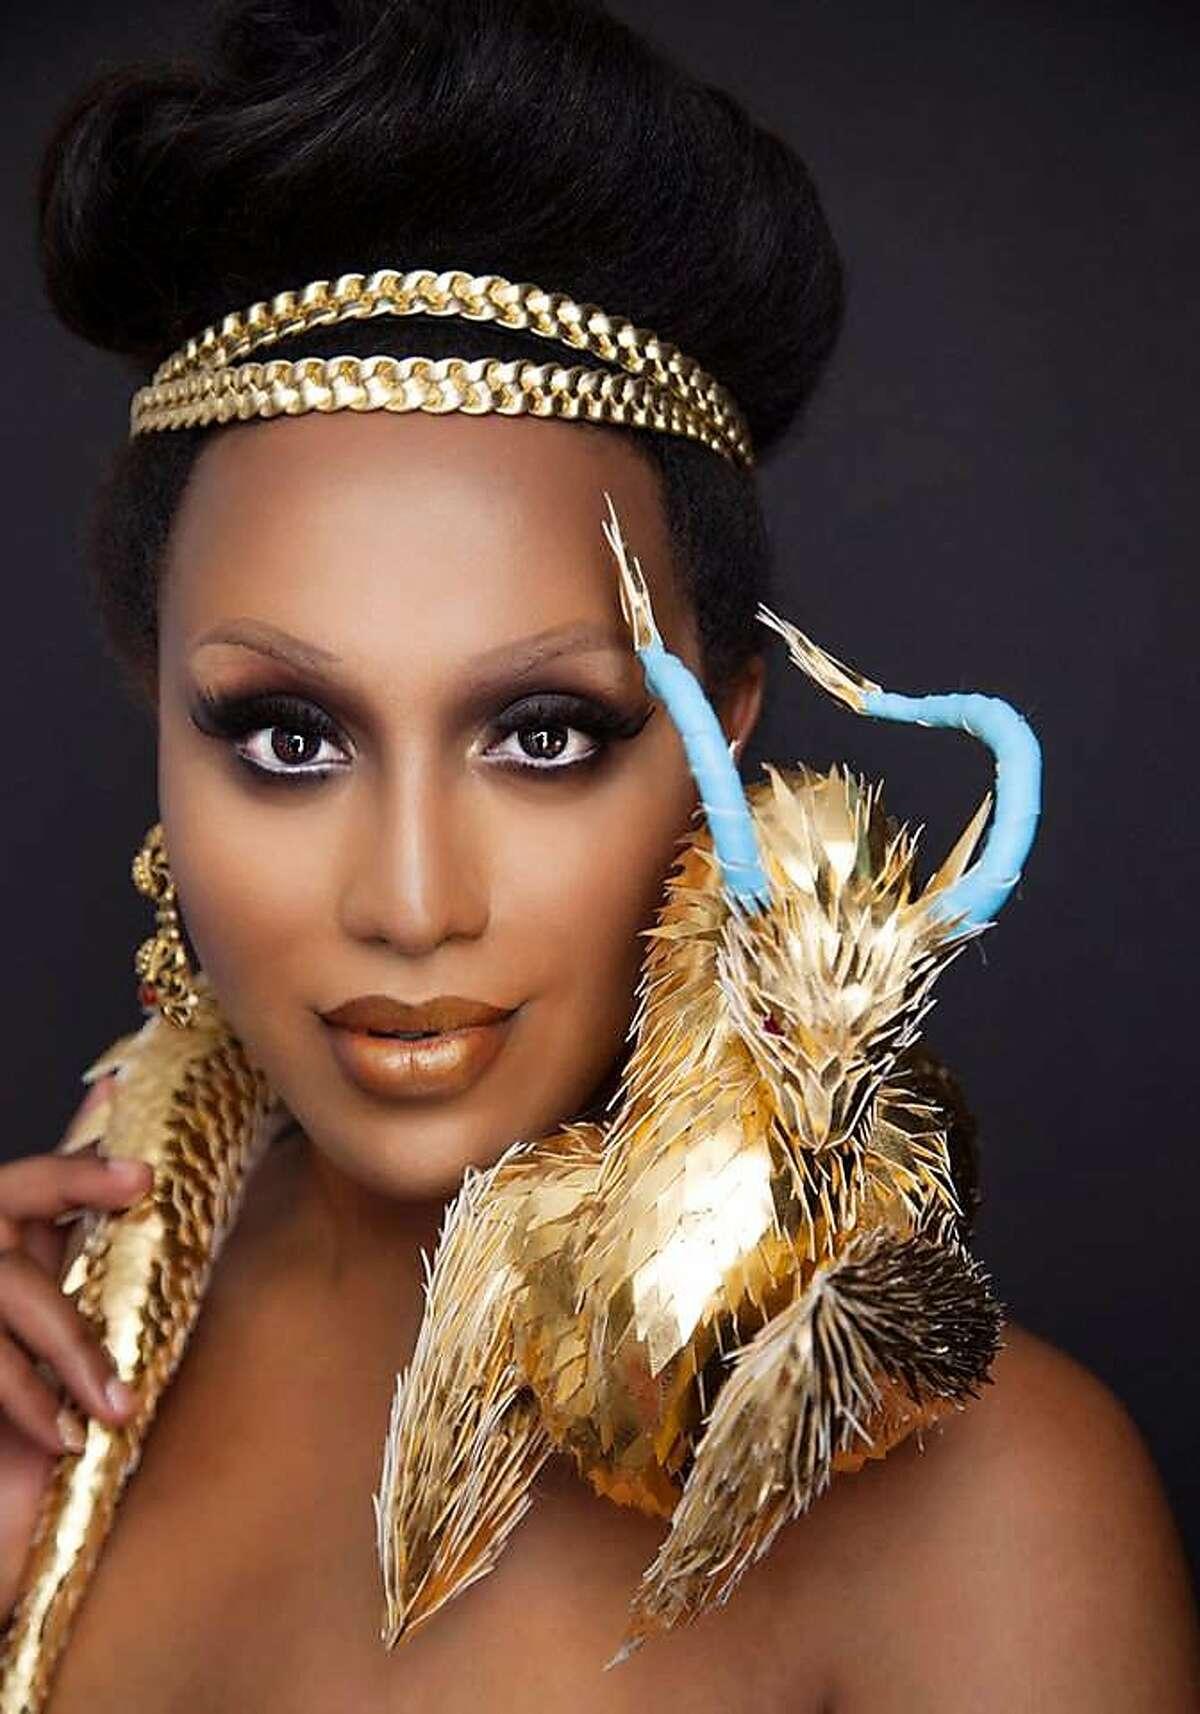 San Francisco drag performer Honey Mahogany.